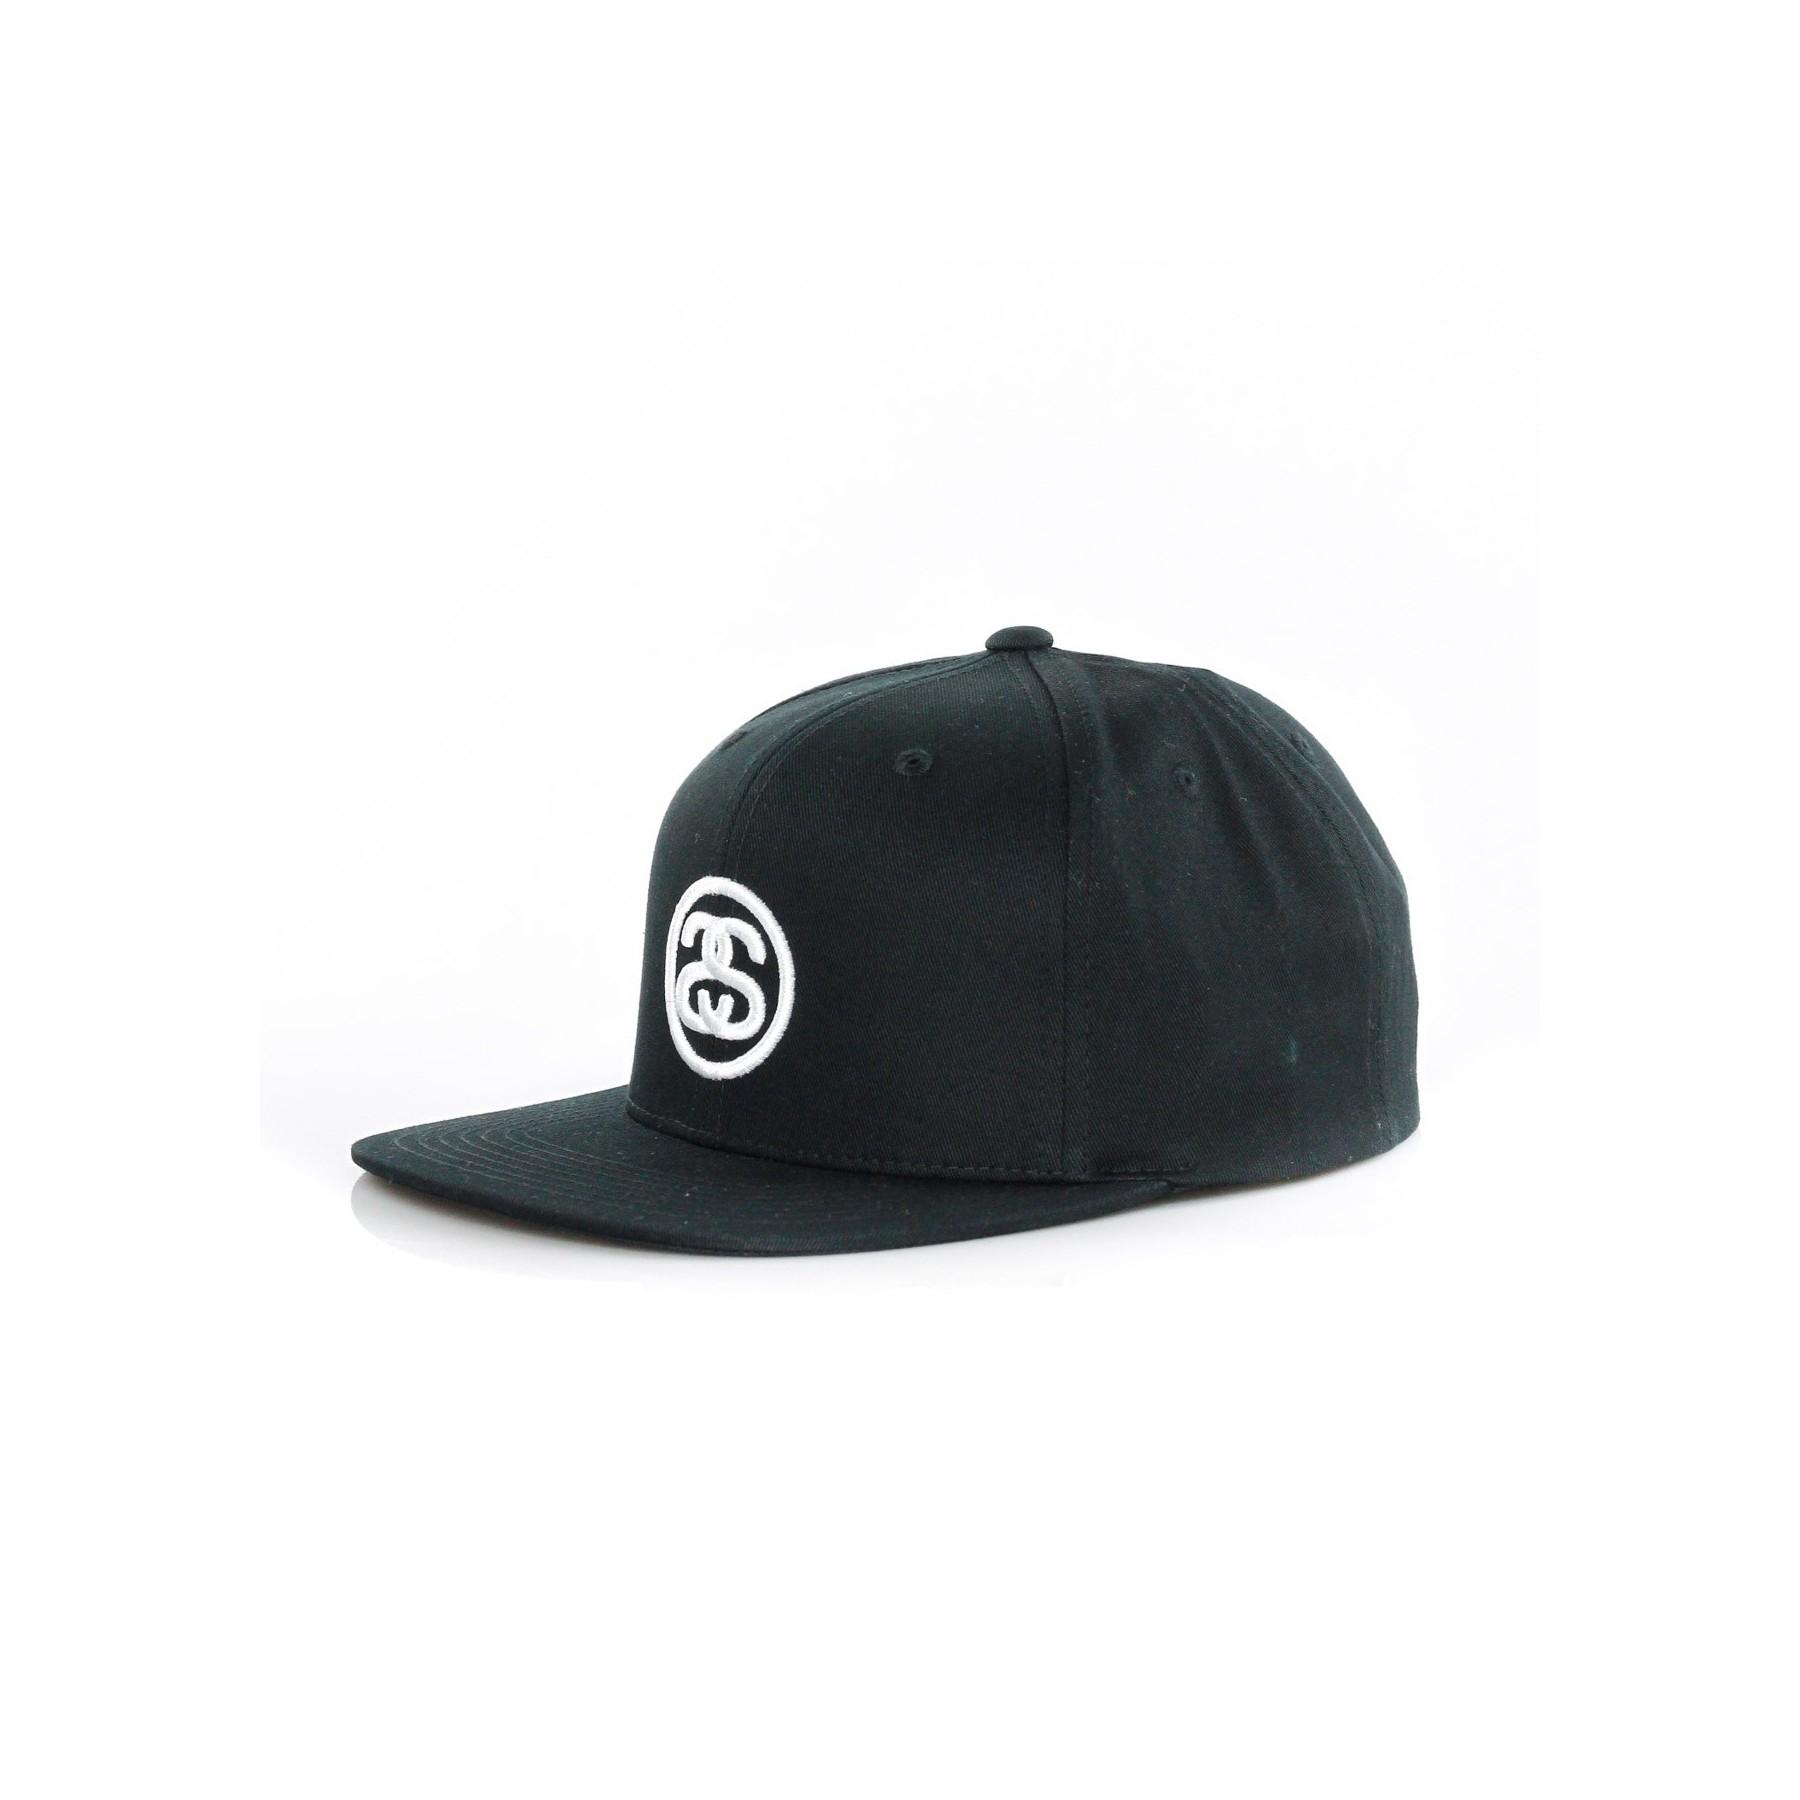 0ce84fd4f10 CAPPELLO SNAPBACK SS-LINK SP18 CAP BLACK